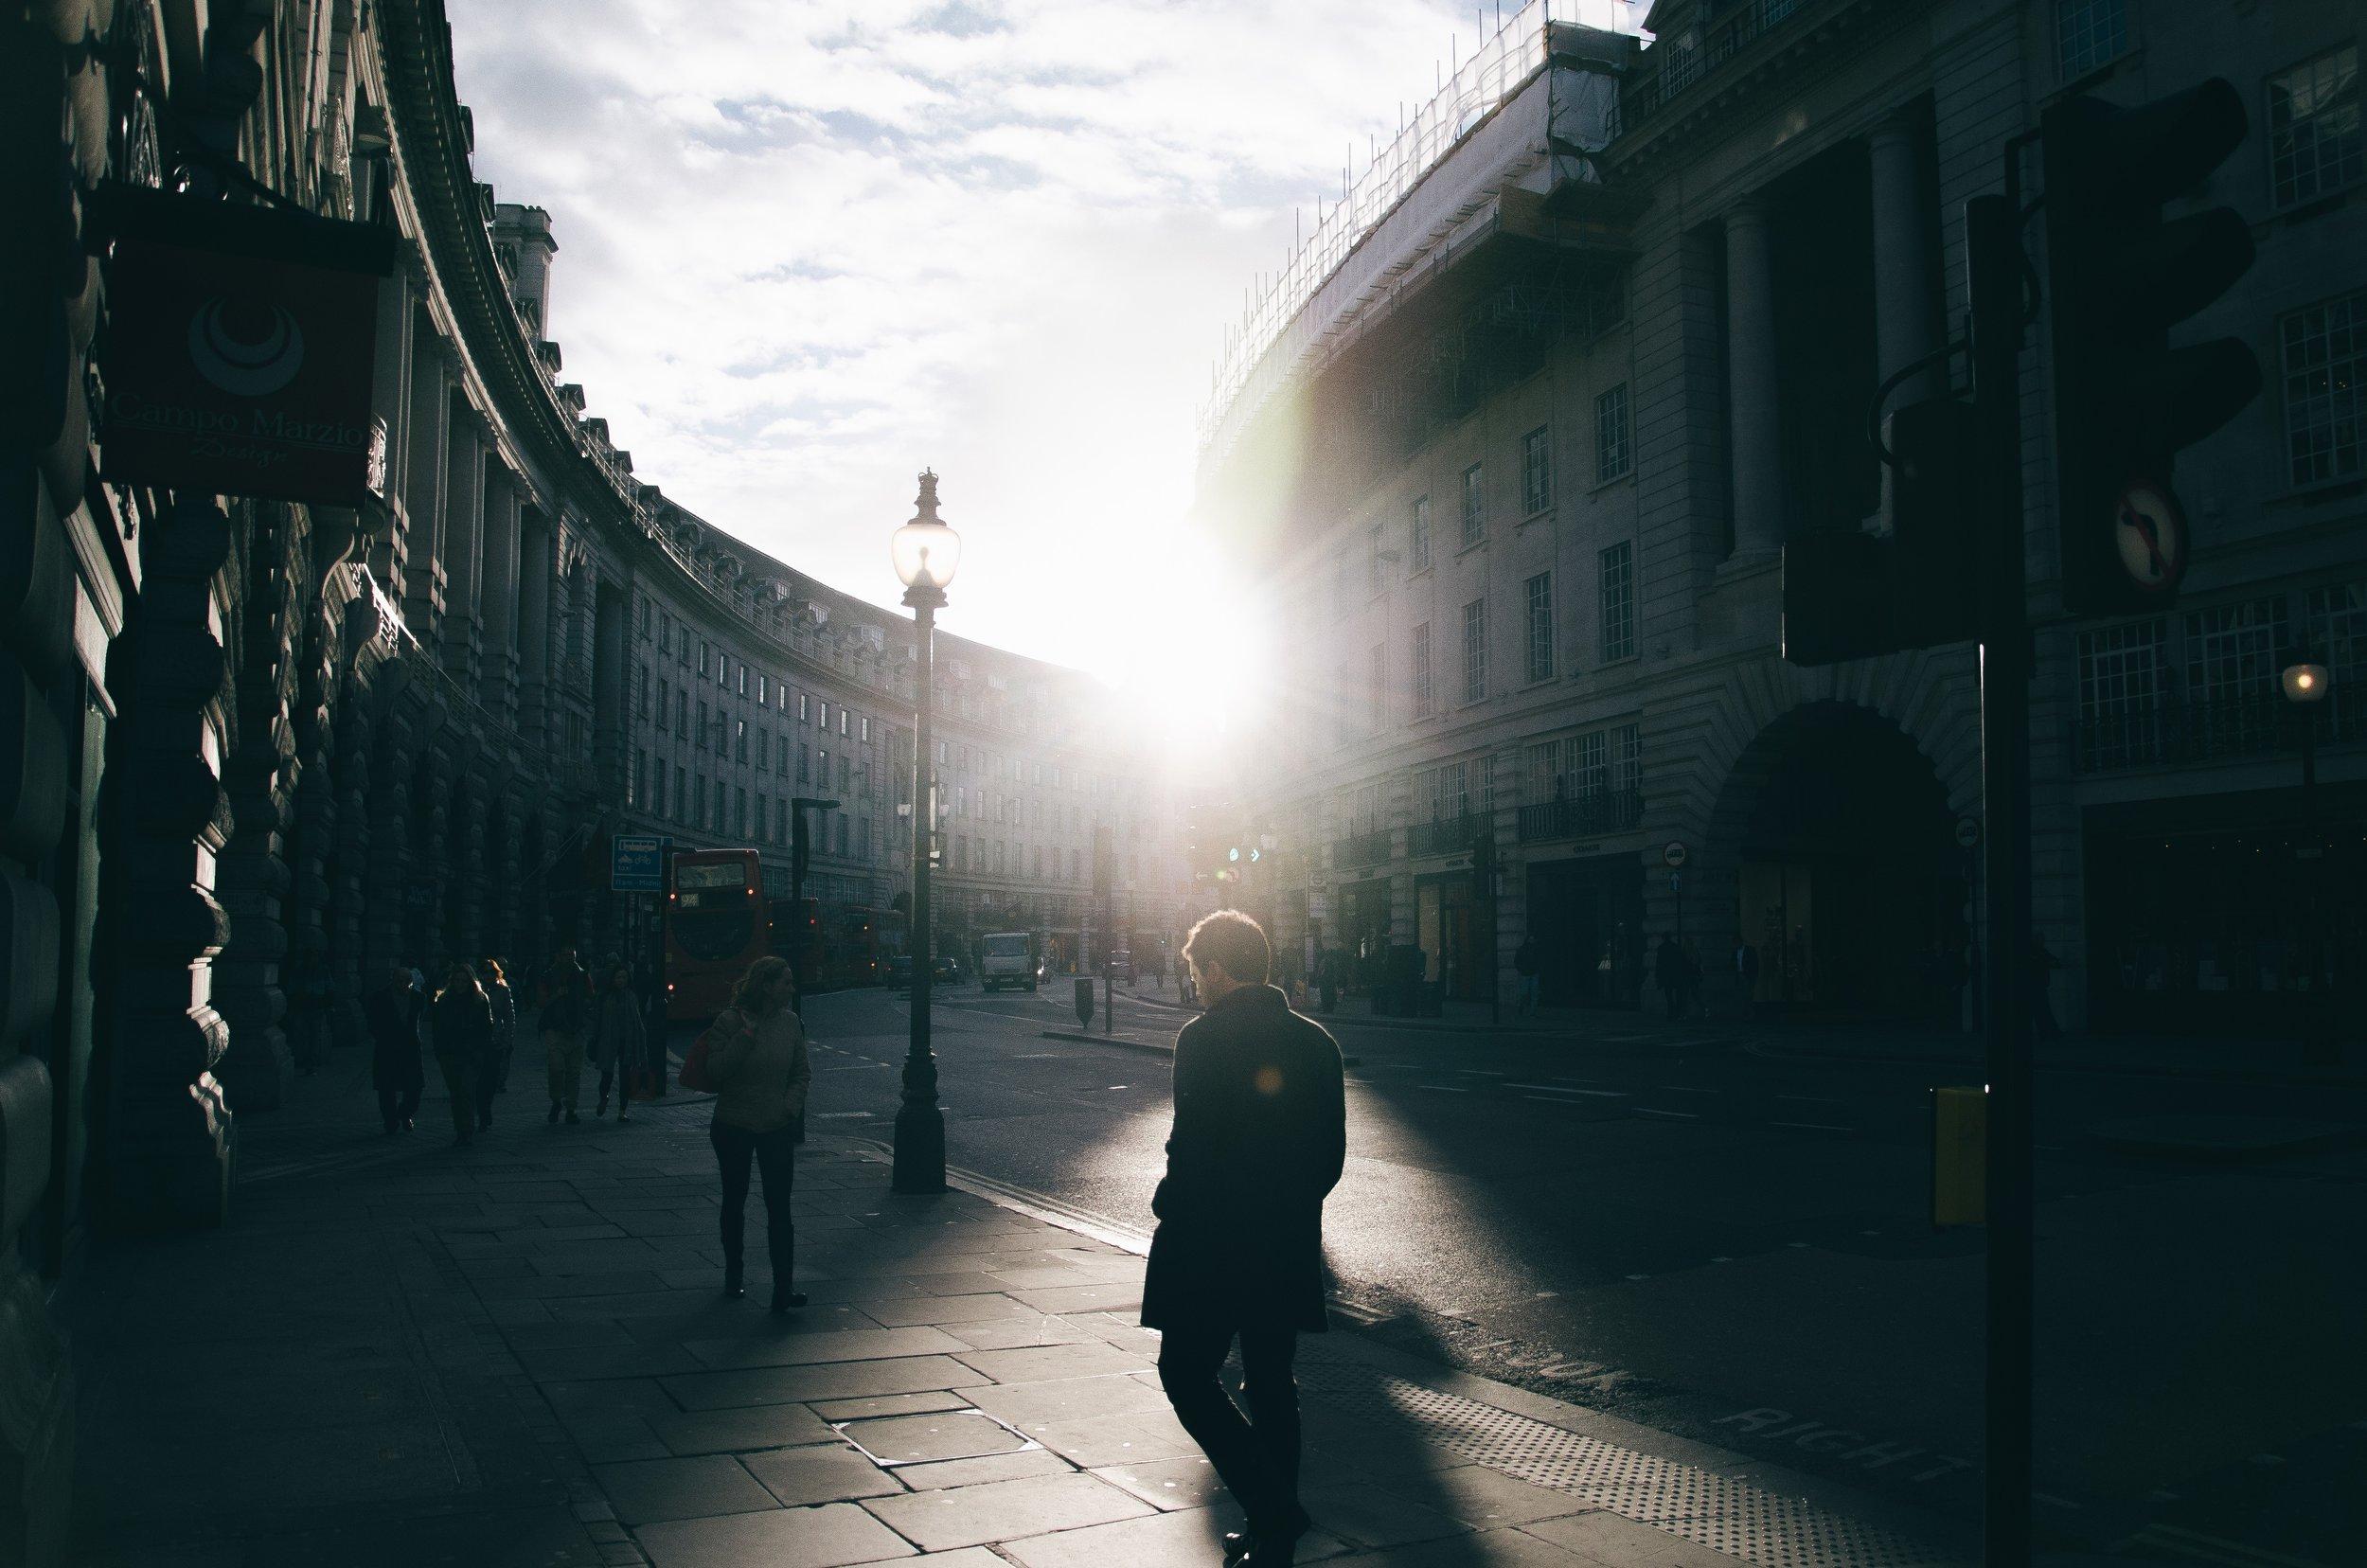 london-598182.jpg